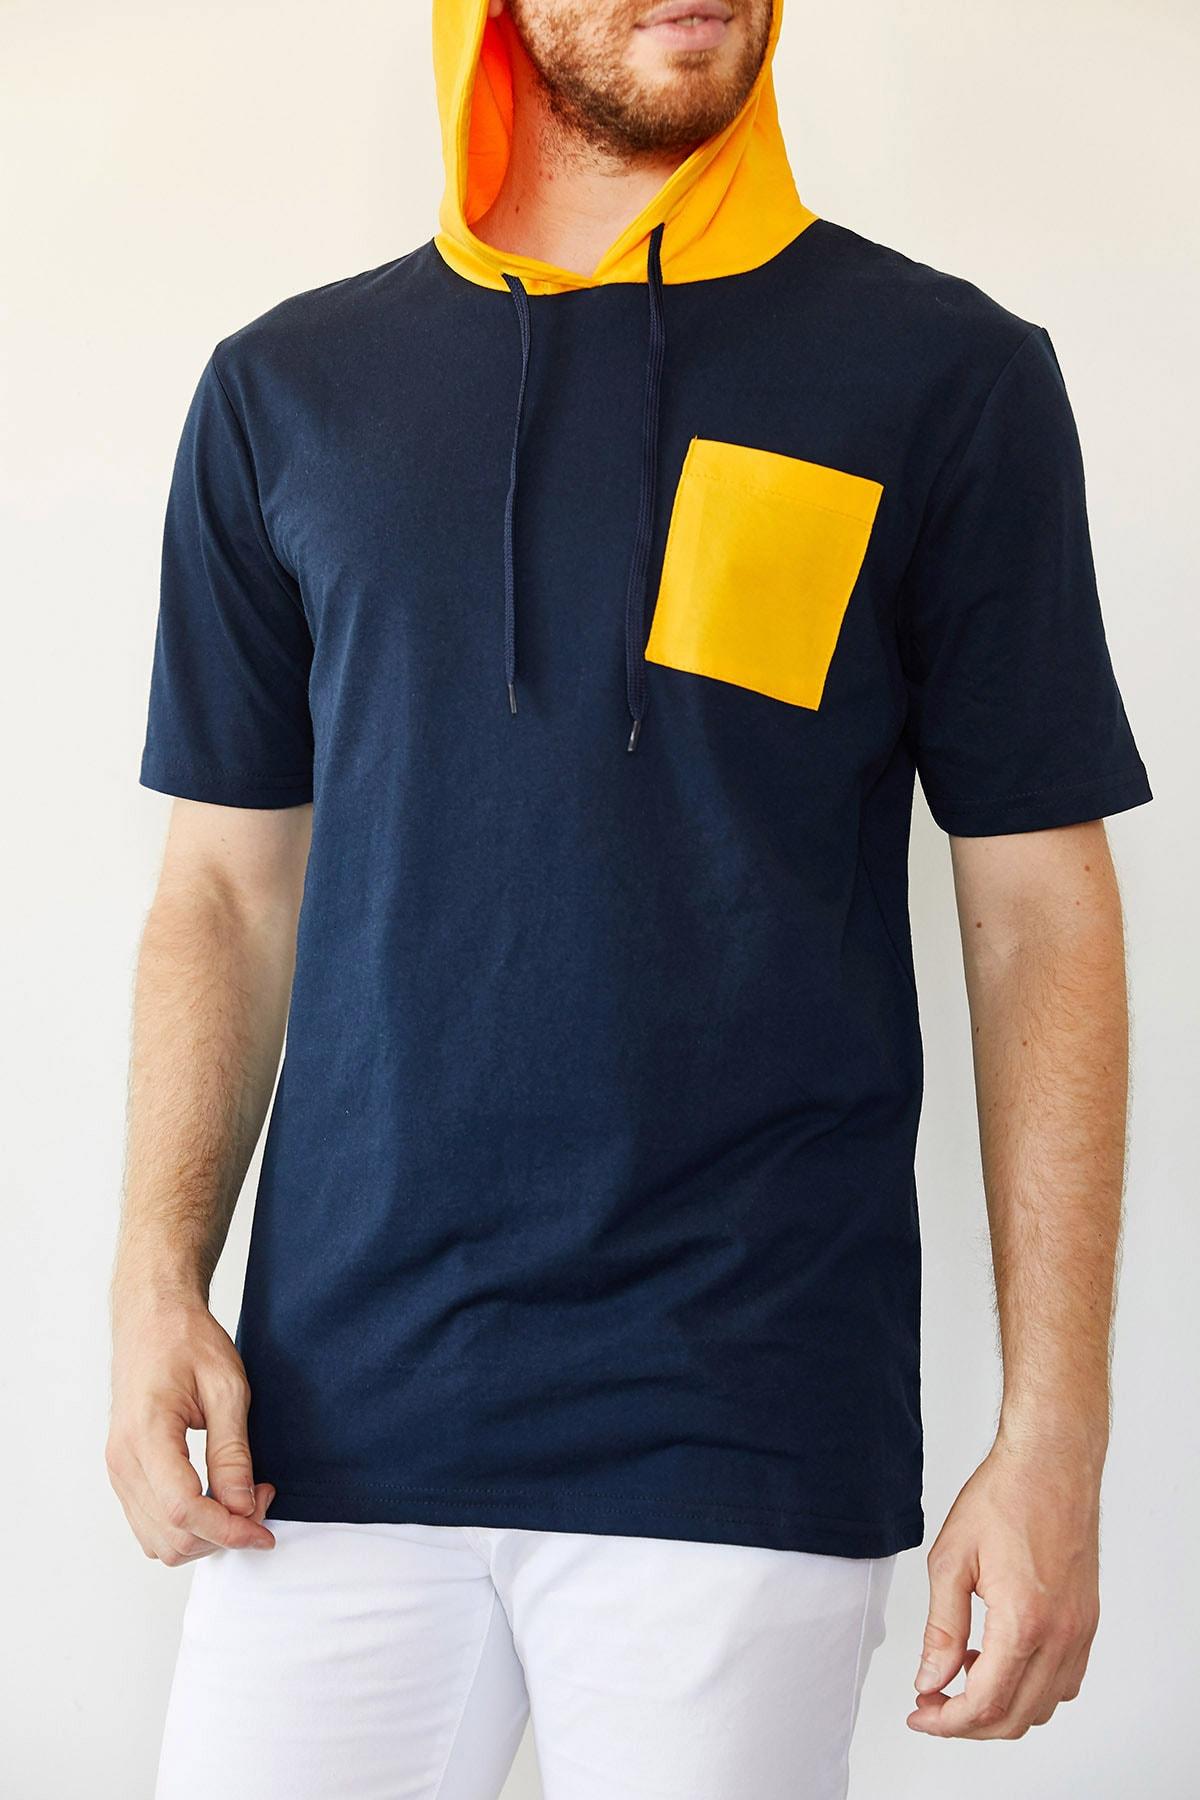 XHAN Lacivert Cep Detaylı Kapüşonlu T-shirt 0yxe8-44091-14 1